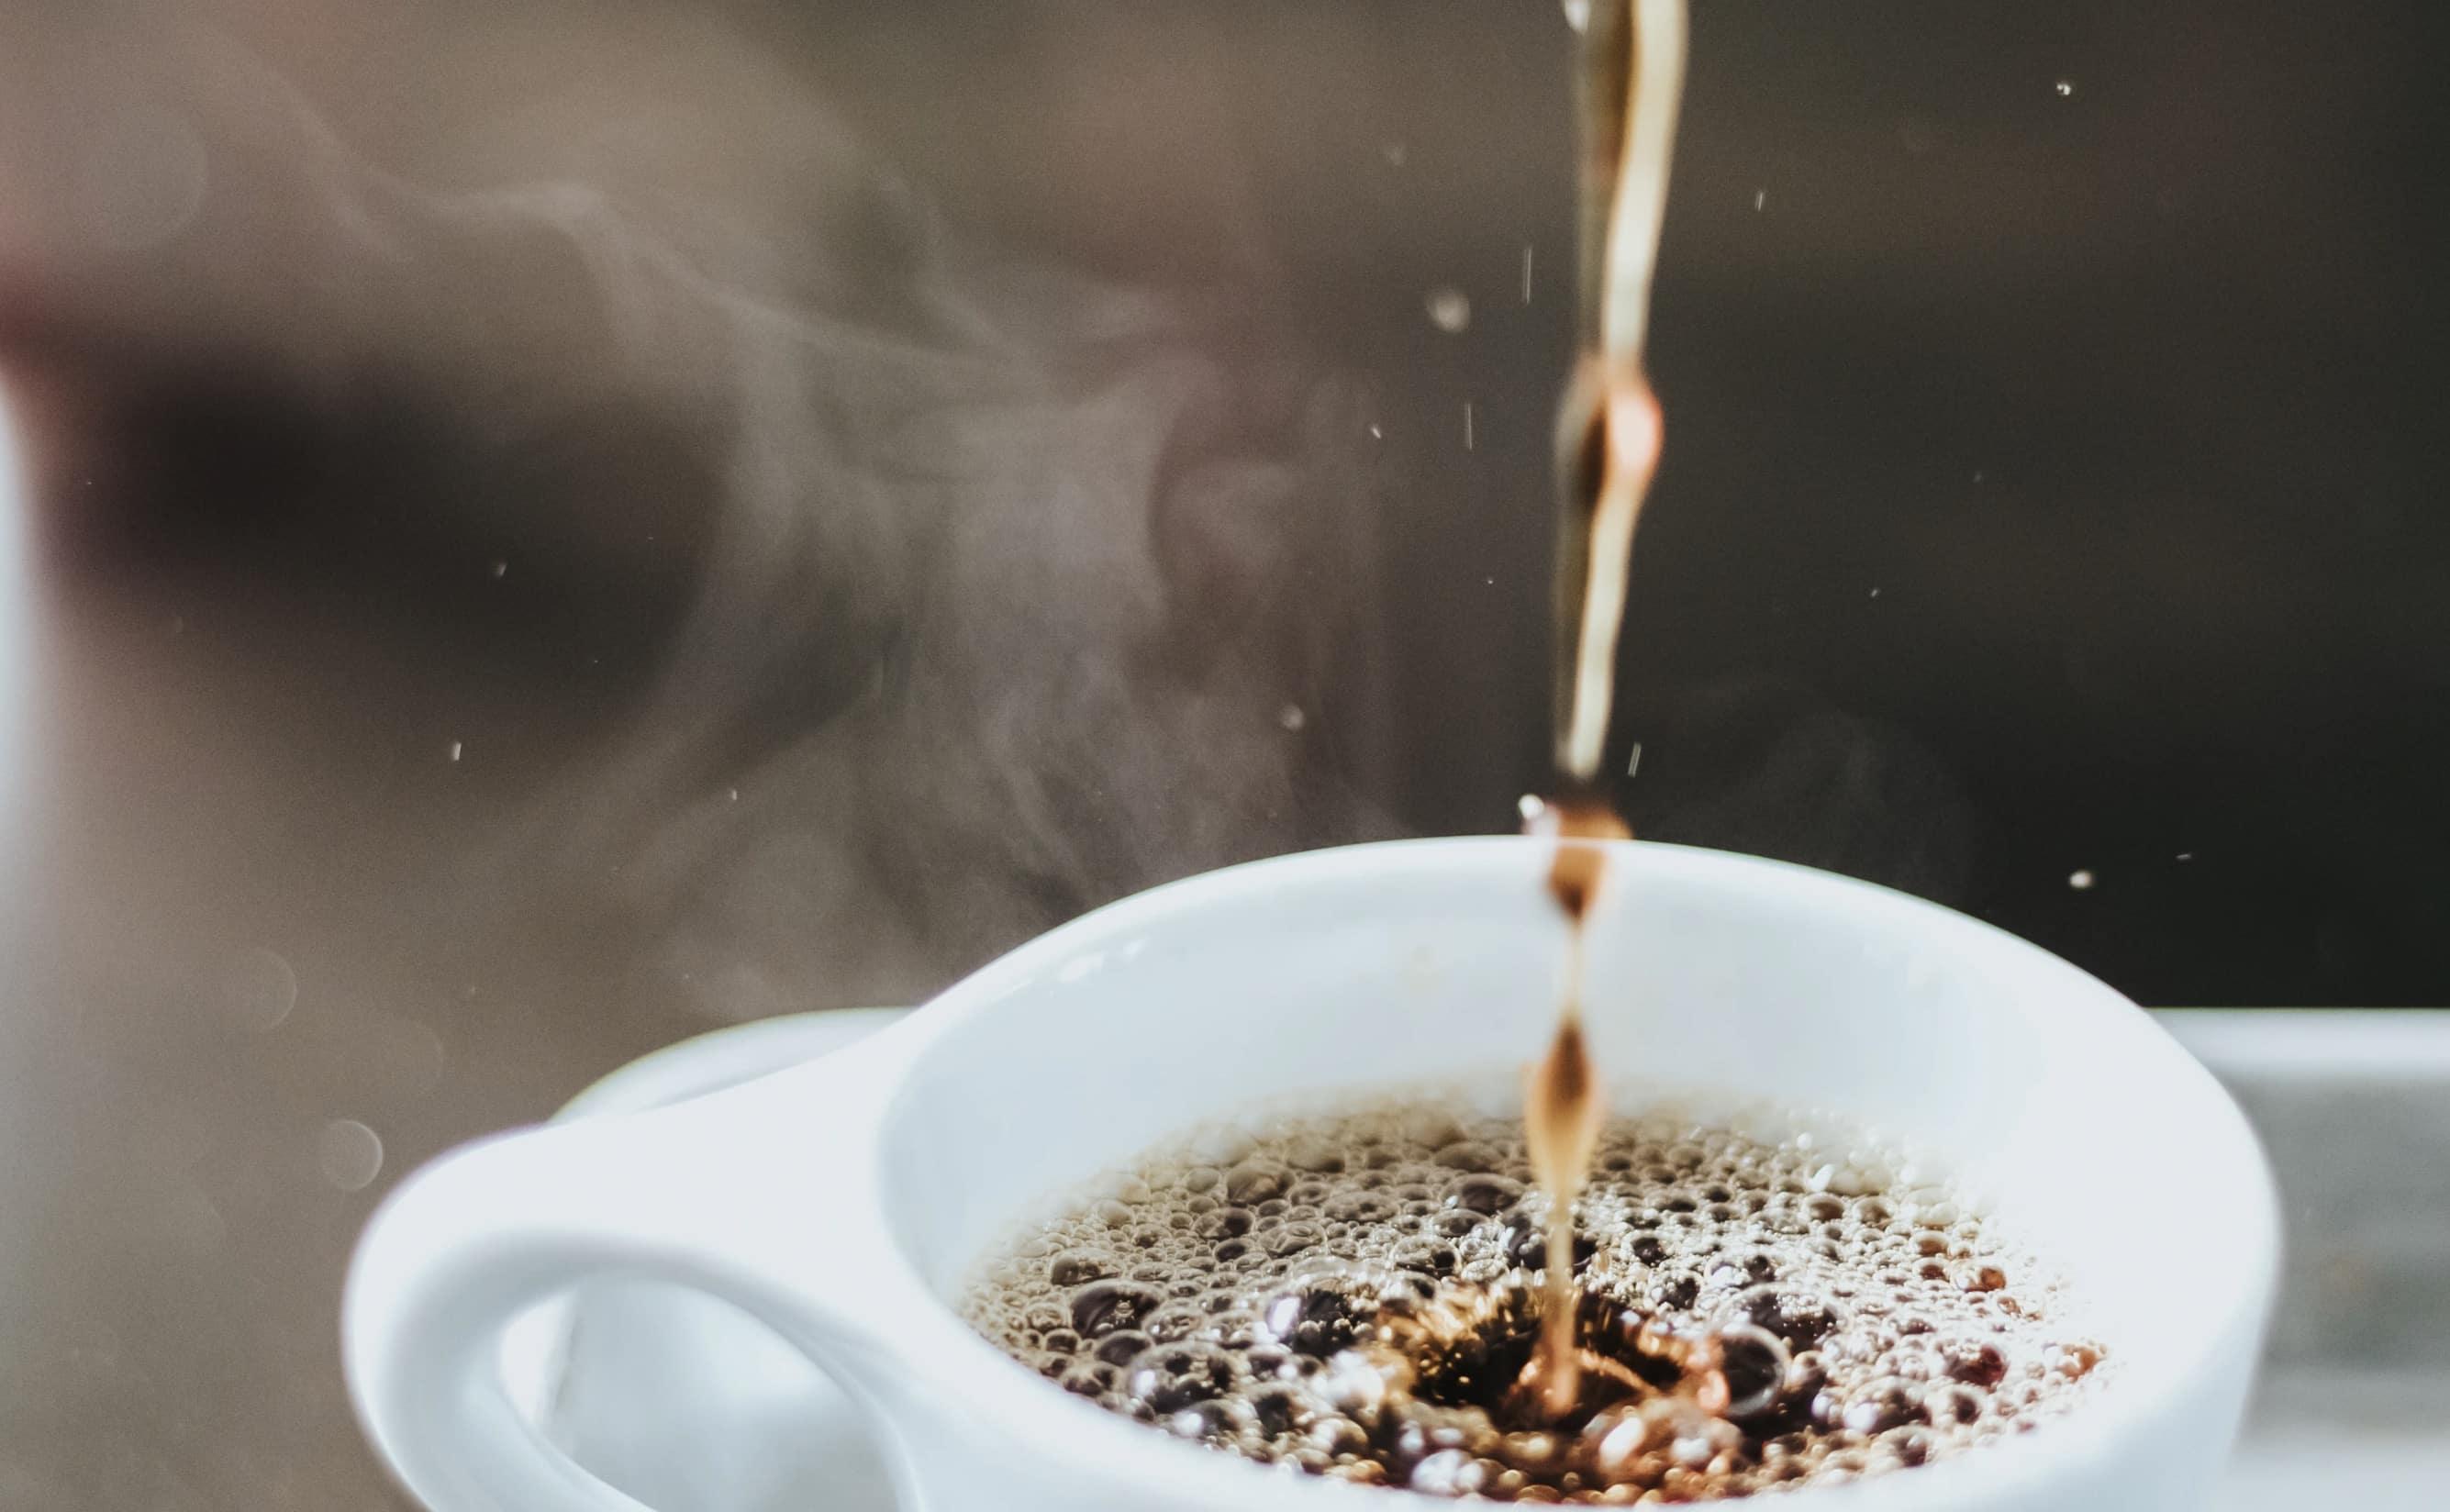 come-decalcificare-macchina-caffe